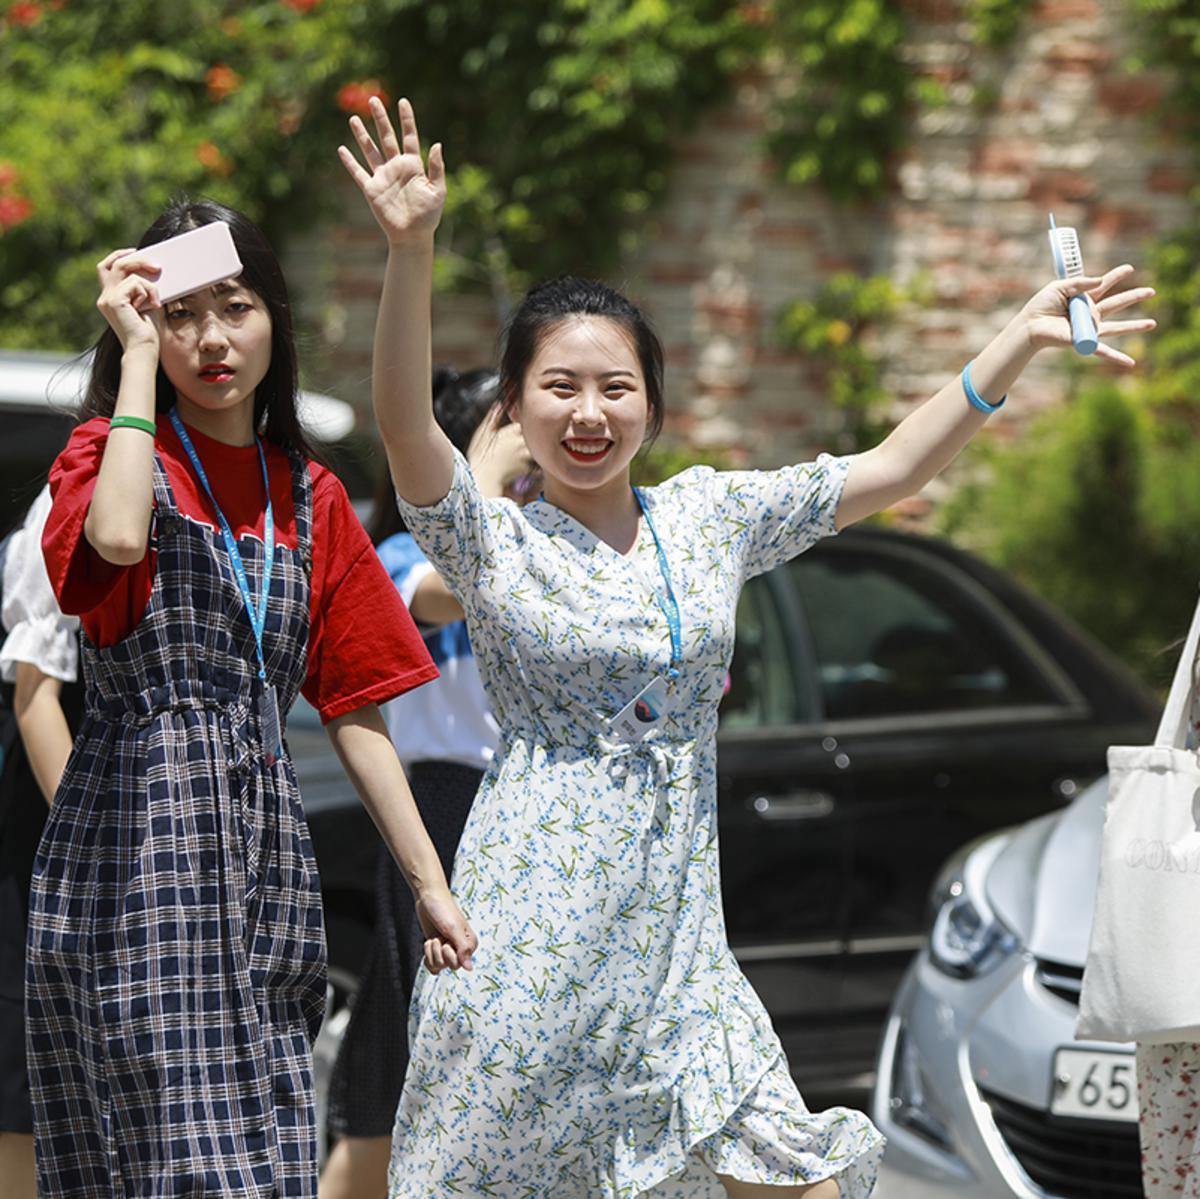 손을 흔들며 걷고 있는 청녀의 모습